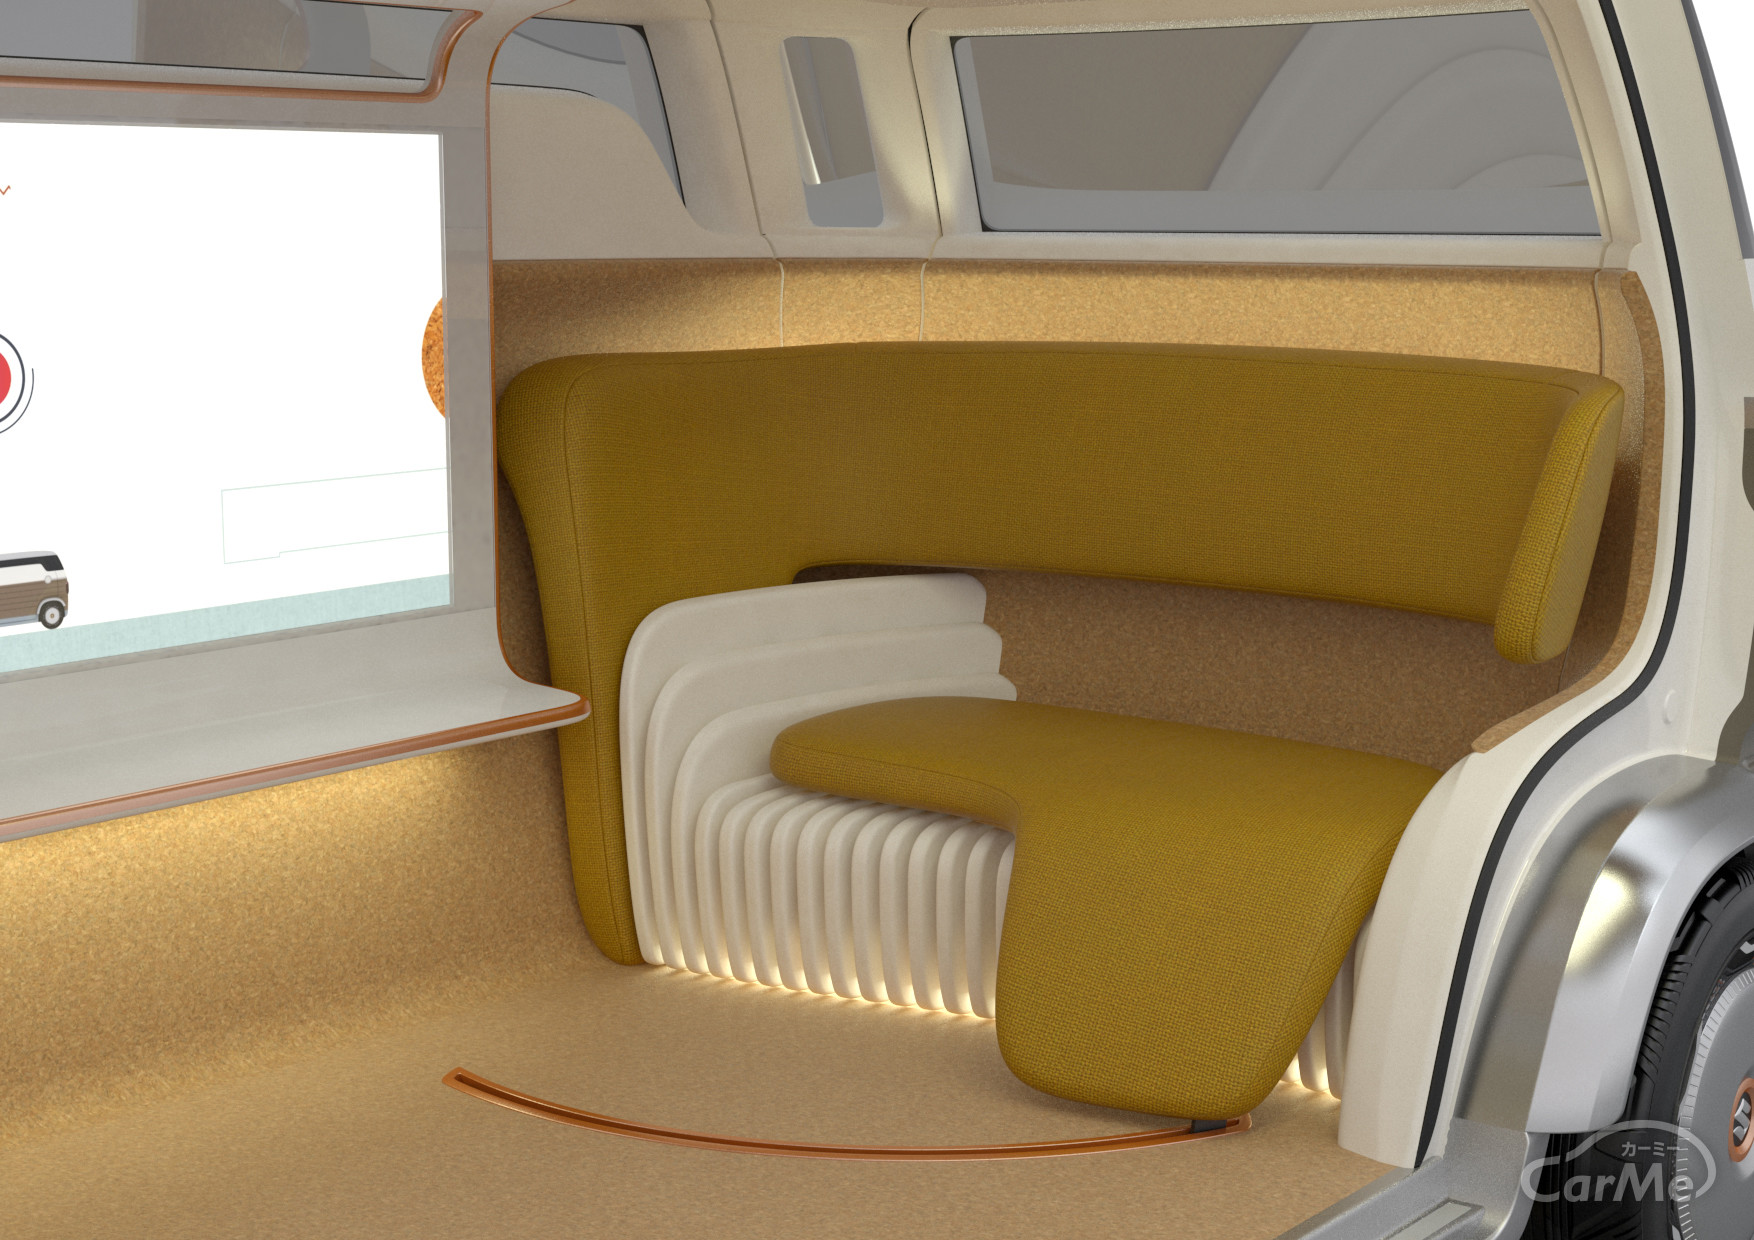 完全自動運転時代のシートアレンジ!室内はもっと自由にもっと広くなる!?